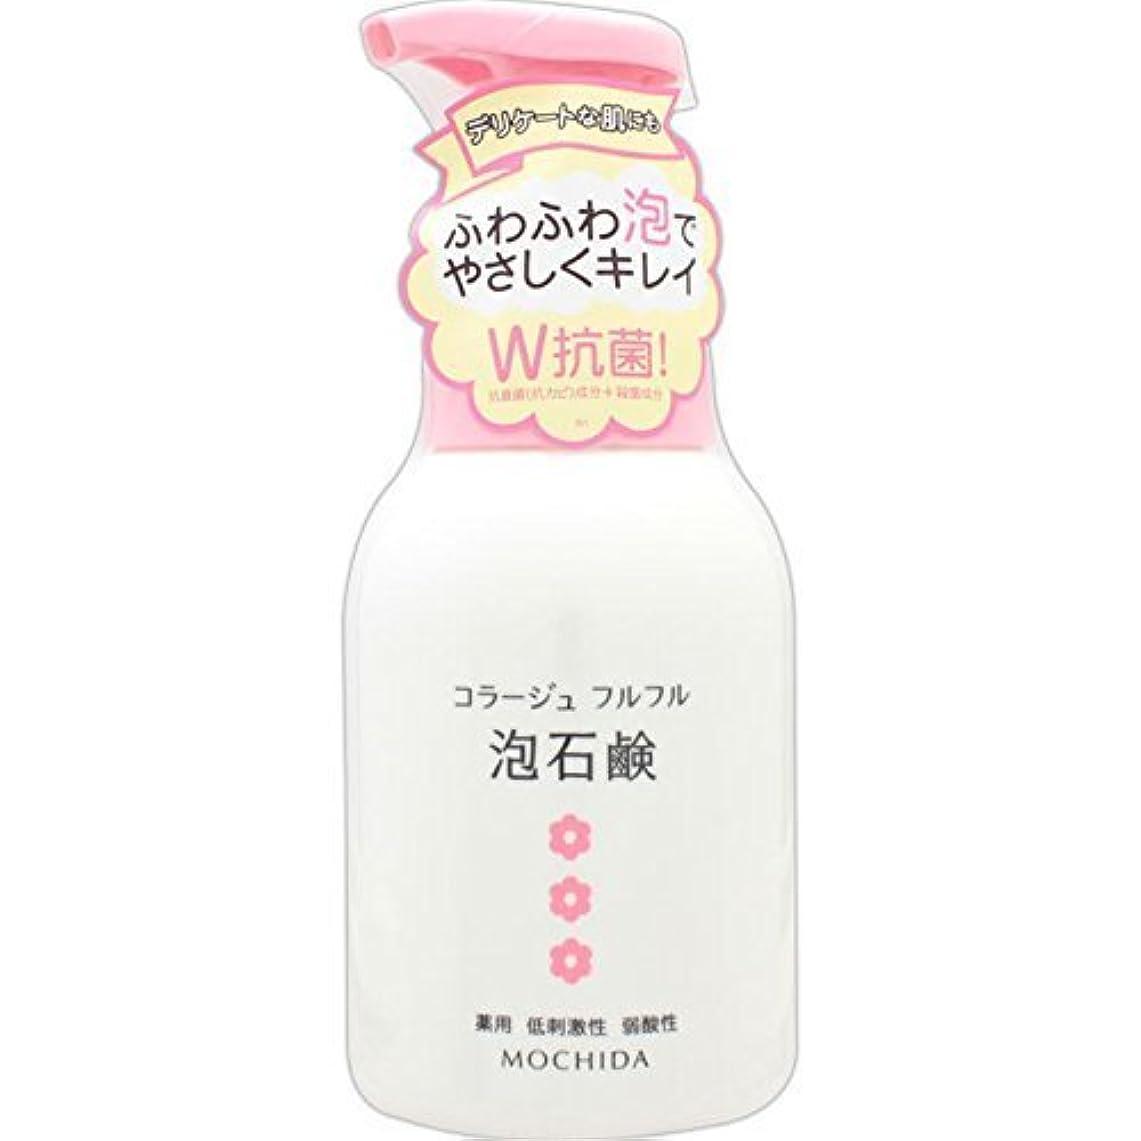 中傷対立インシュレータコラージュフルフル 泡石鹸 ピンク 300m L (医薬部外品) ×4